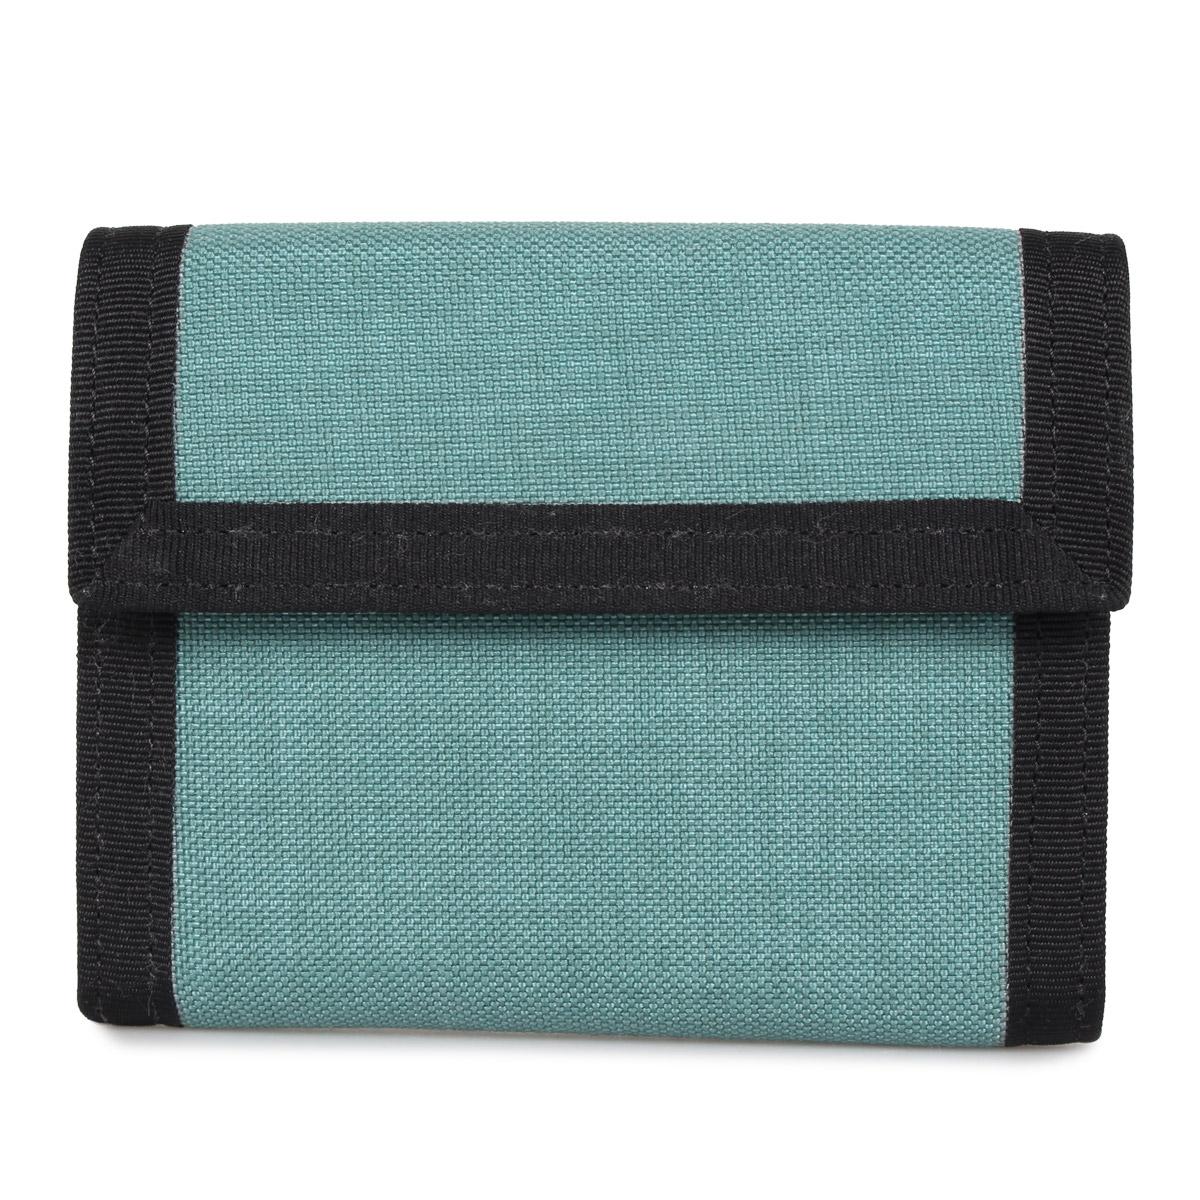 MAISON MARGIELA WALLET メゾンマルジェラ 財布 三つ折り メンズ レディース ブルー S55UI0208-T7088